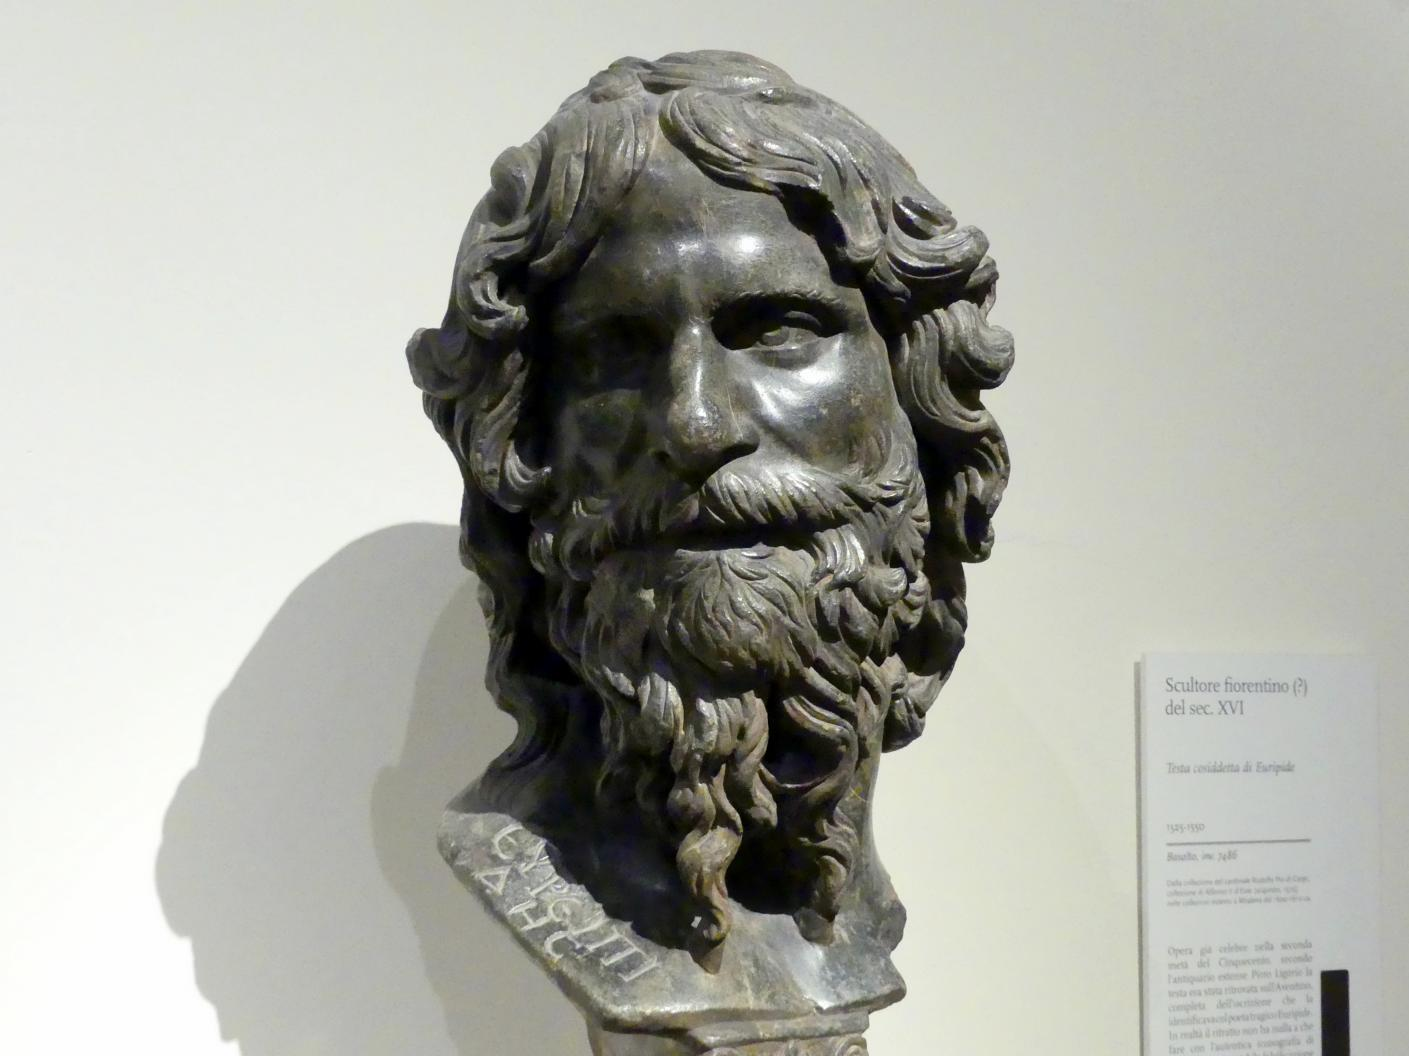 Sogenannter Euripides-Kopf, 2. Viertel 16. Jhd.